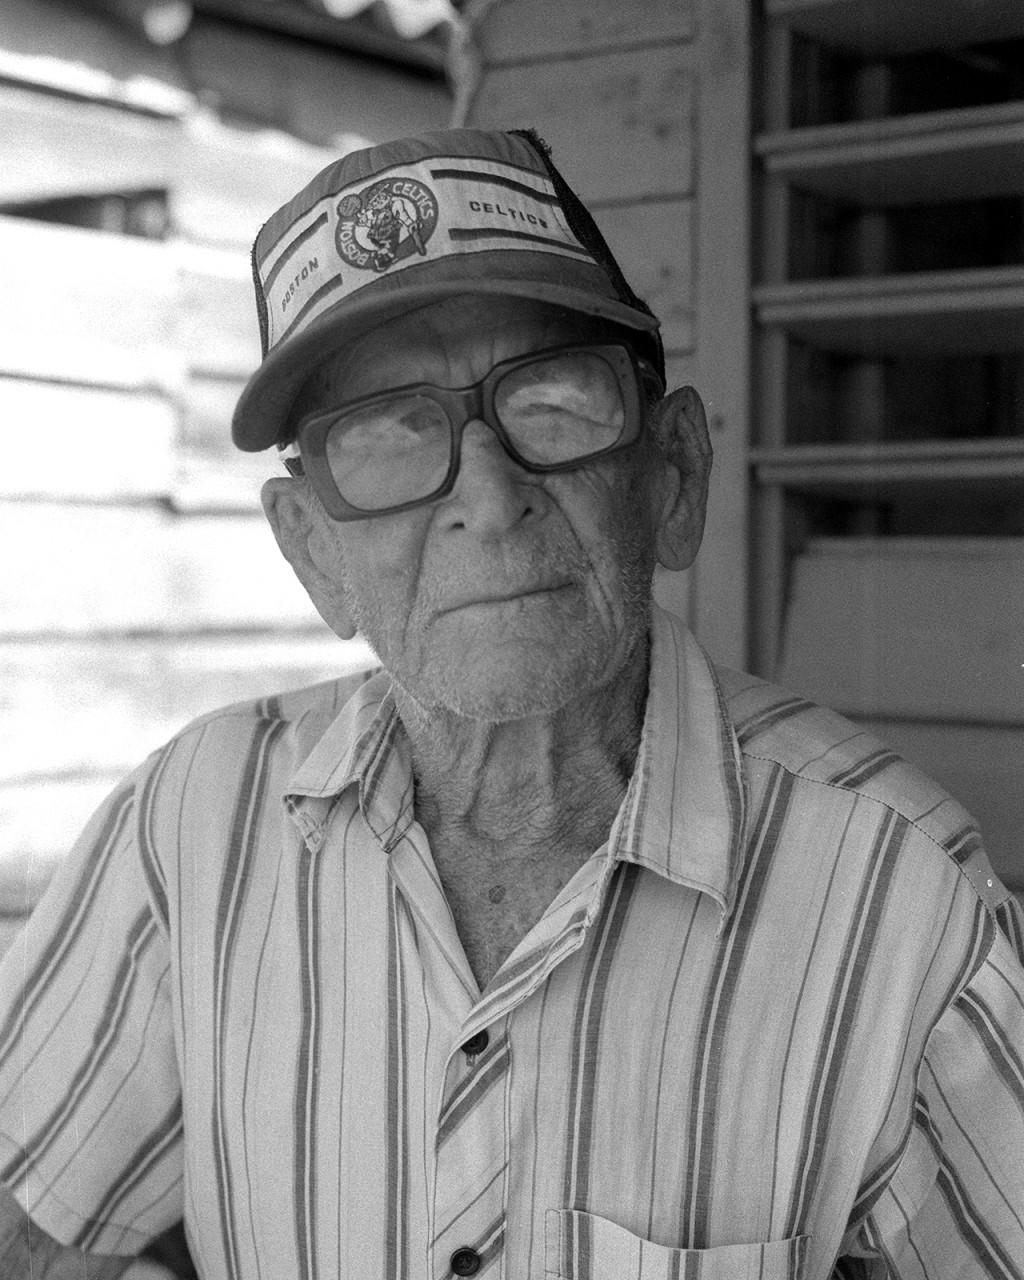 Um velho pescador de Baracoa com 102 anos, vive com a família que lhe ajuda no dia a dia, já que tem dificuldade em ver e ouvir.